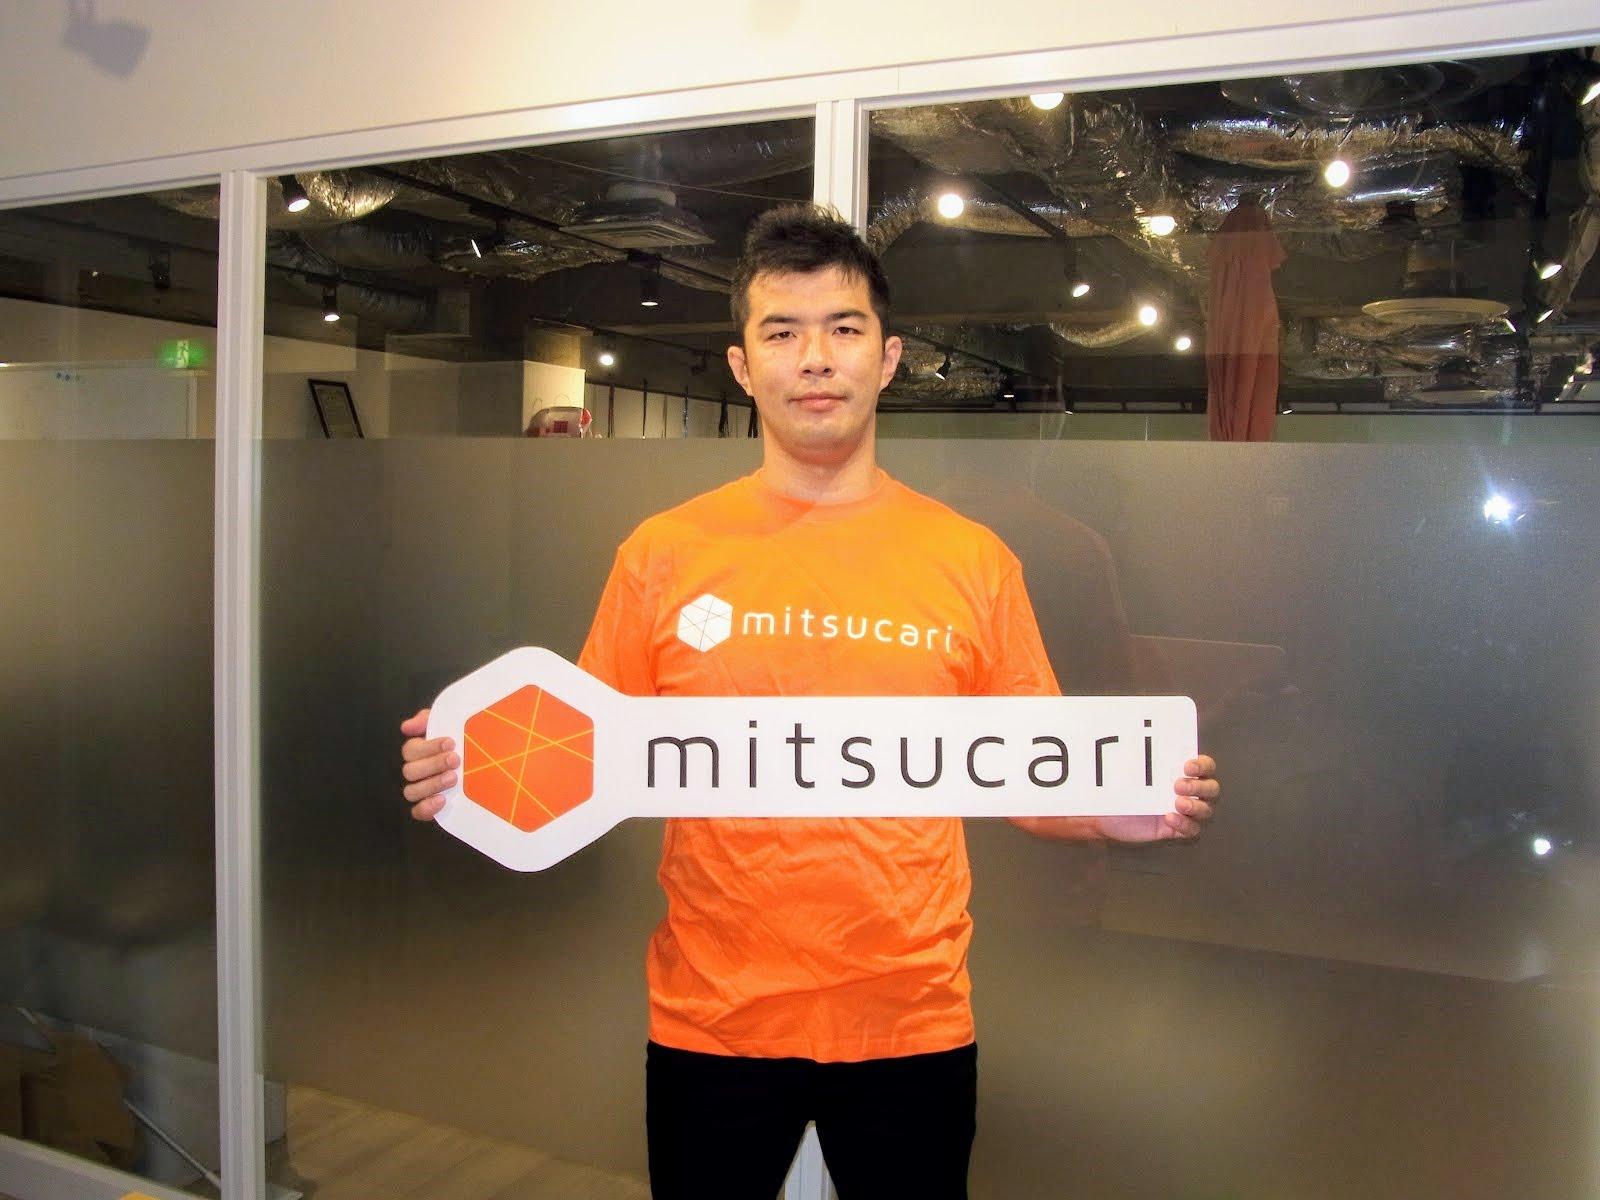 hrtech_mitsucari1-1